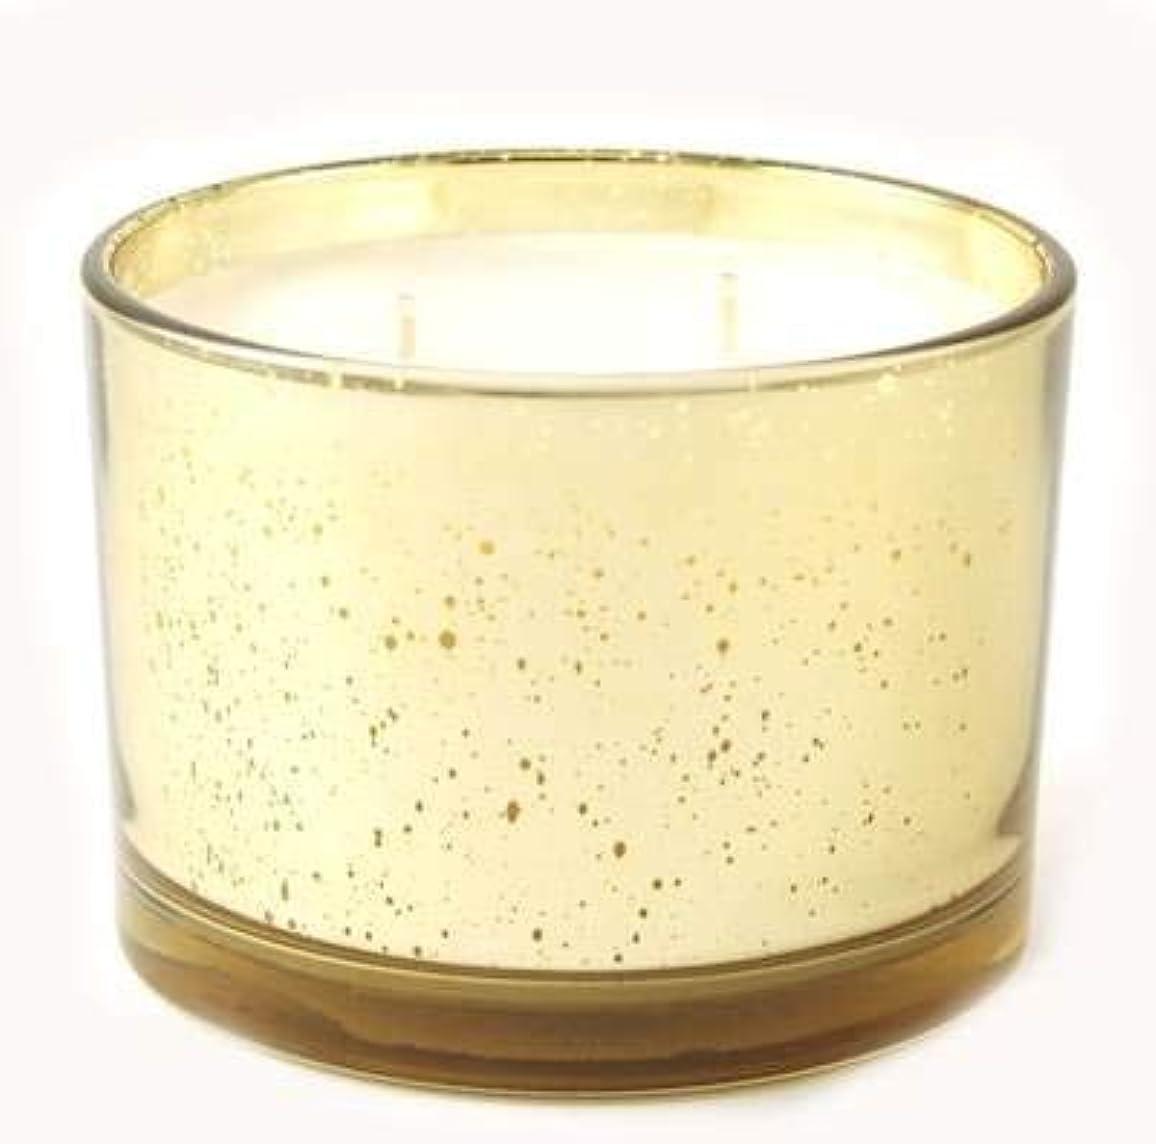 改善する思い出させるを除くDiva Tyler Statureゴールドonゴールド16oz香りつきJar Candle